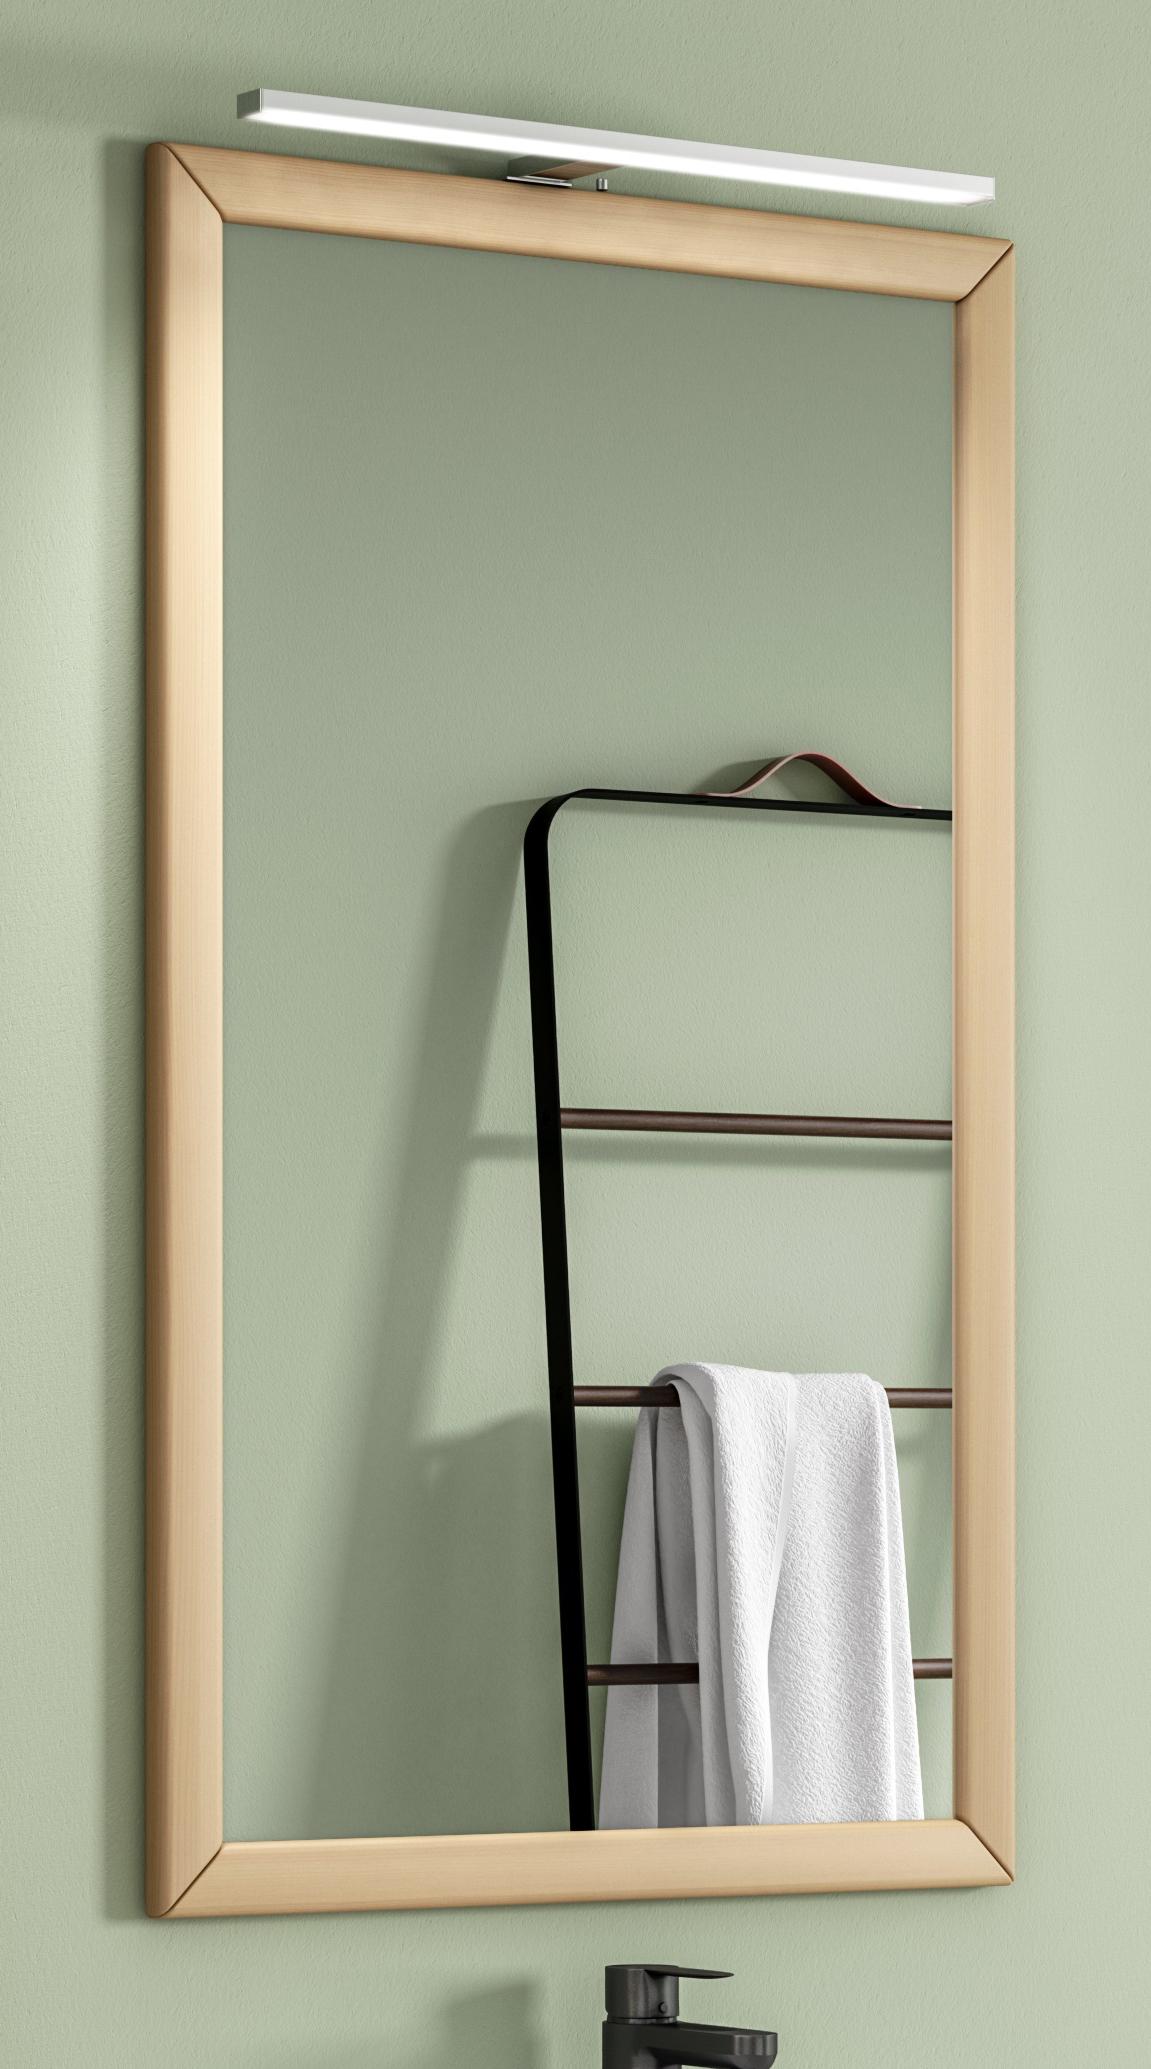 Thielsch Badmöbel Versus Spiegel 100 x 100 cm